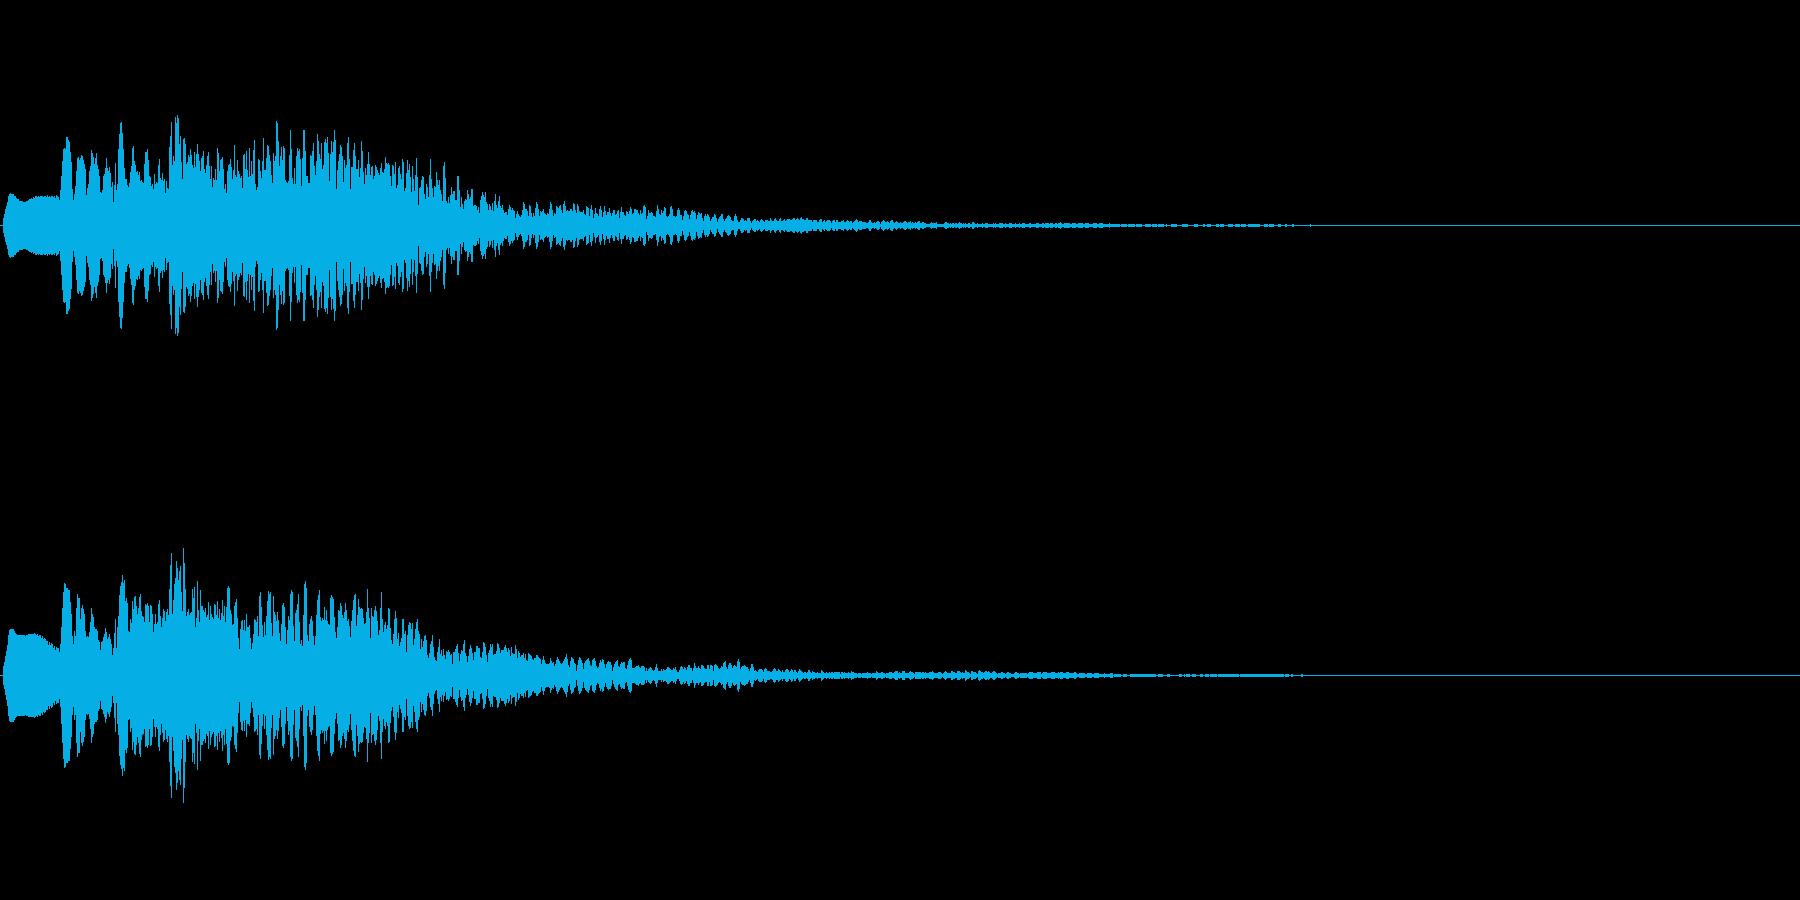 「スッキリした」という音の再生済みの波形